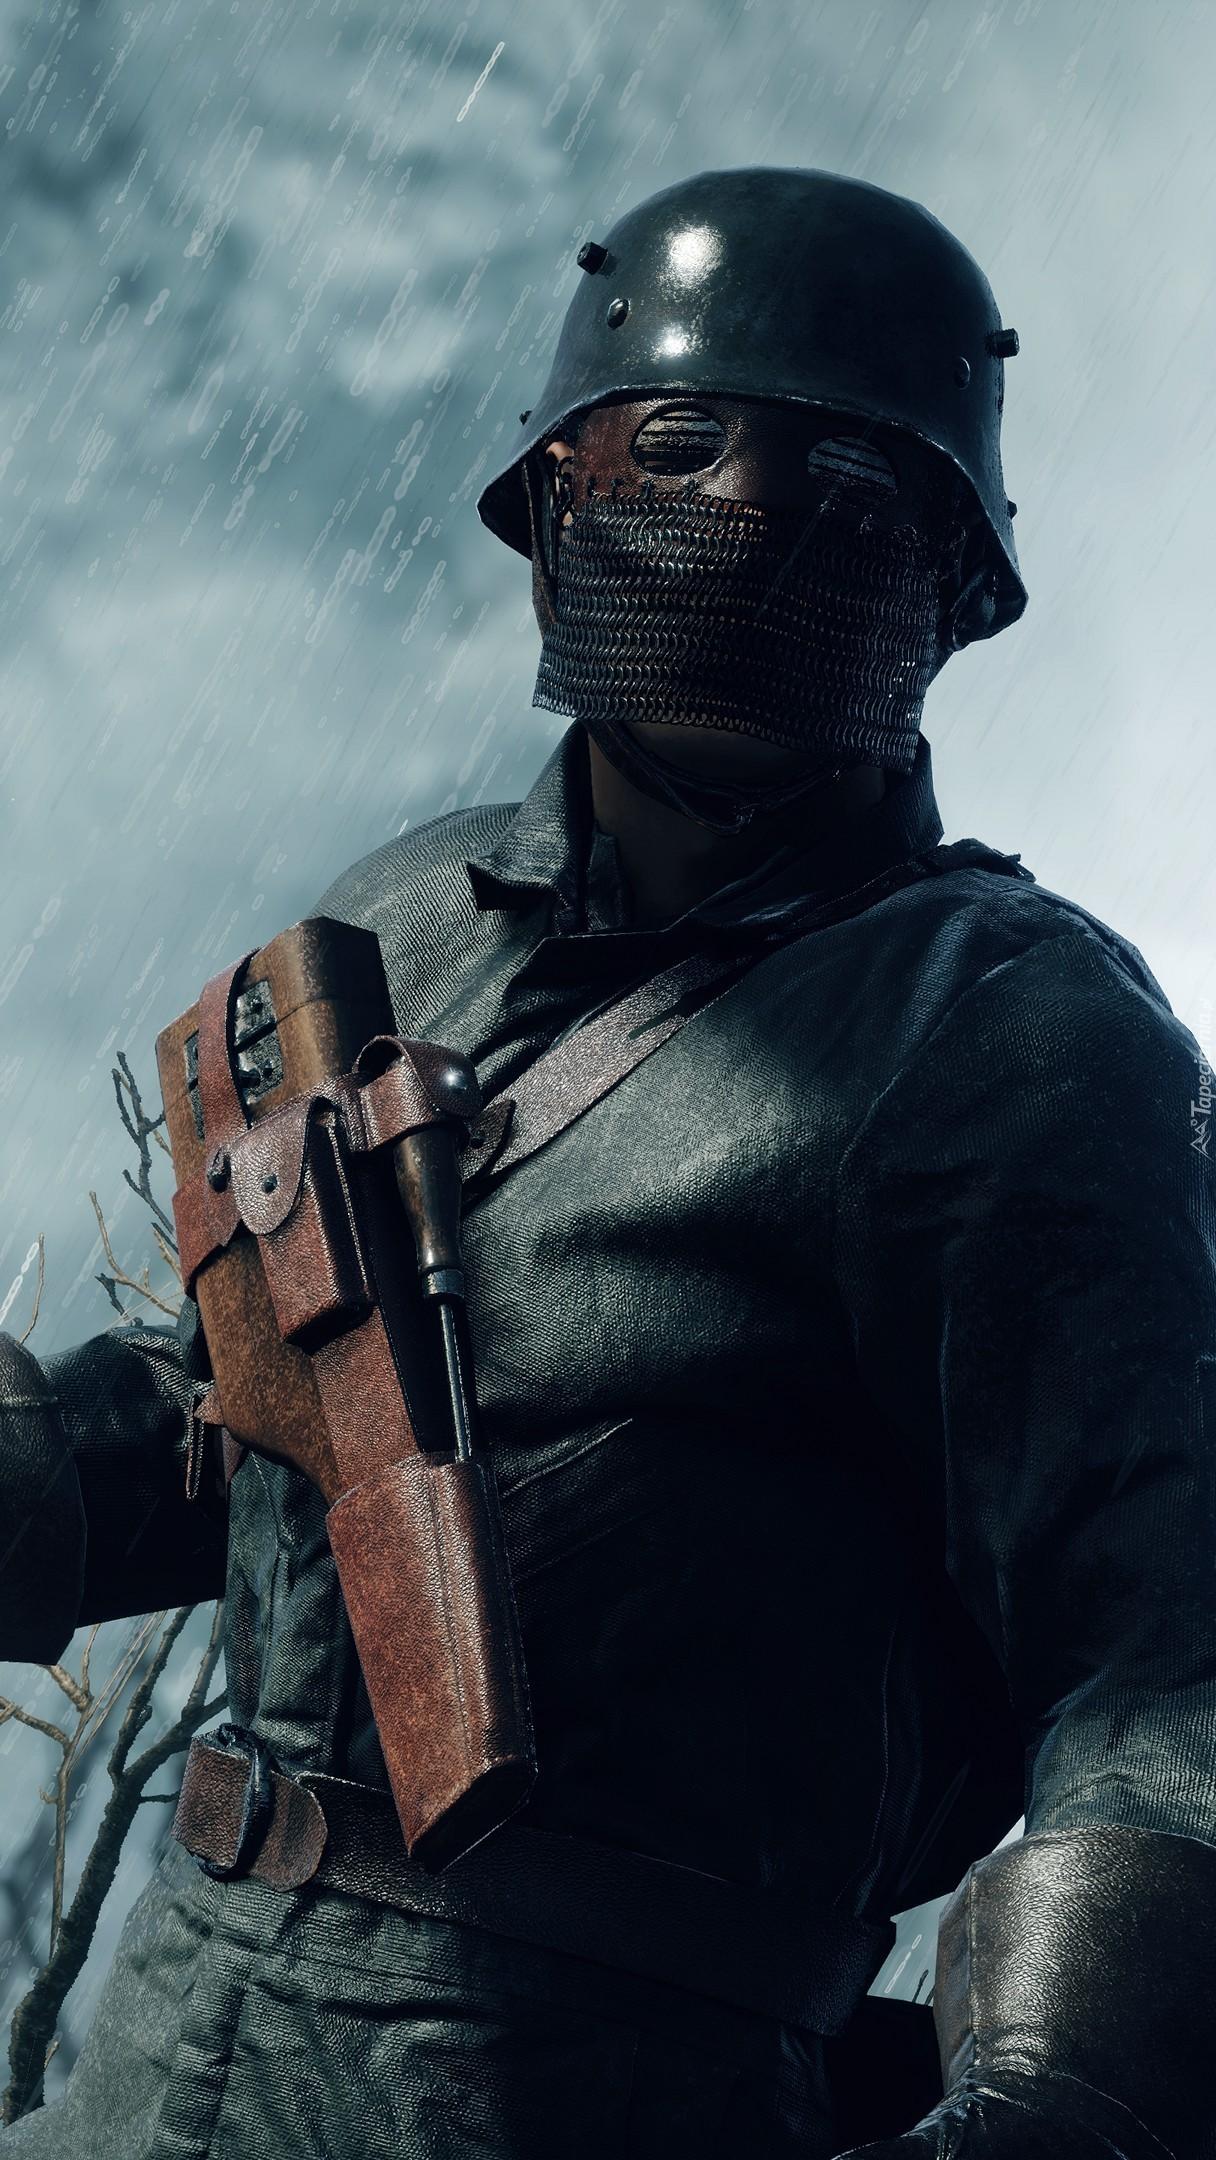 Żołnierz w grze wideo Battlefield 1